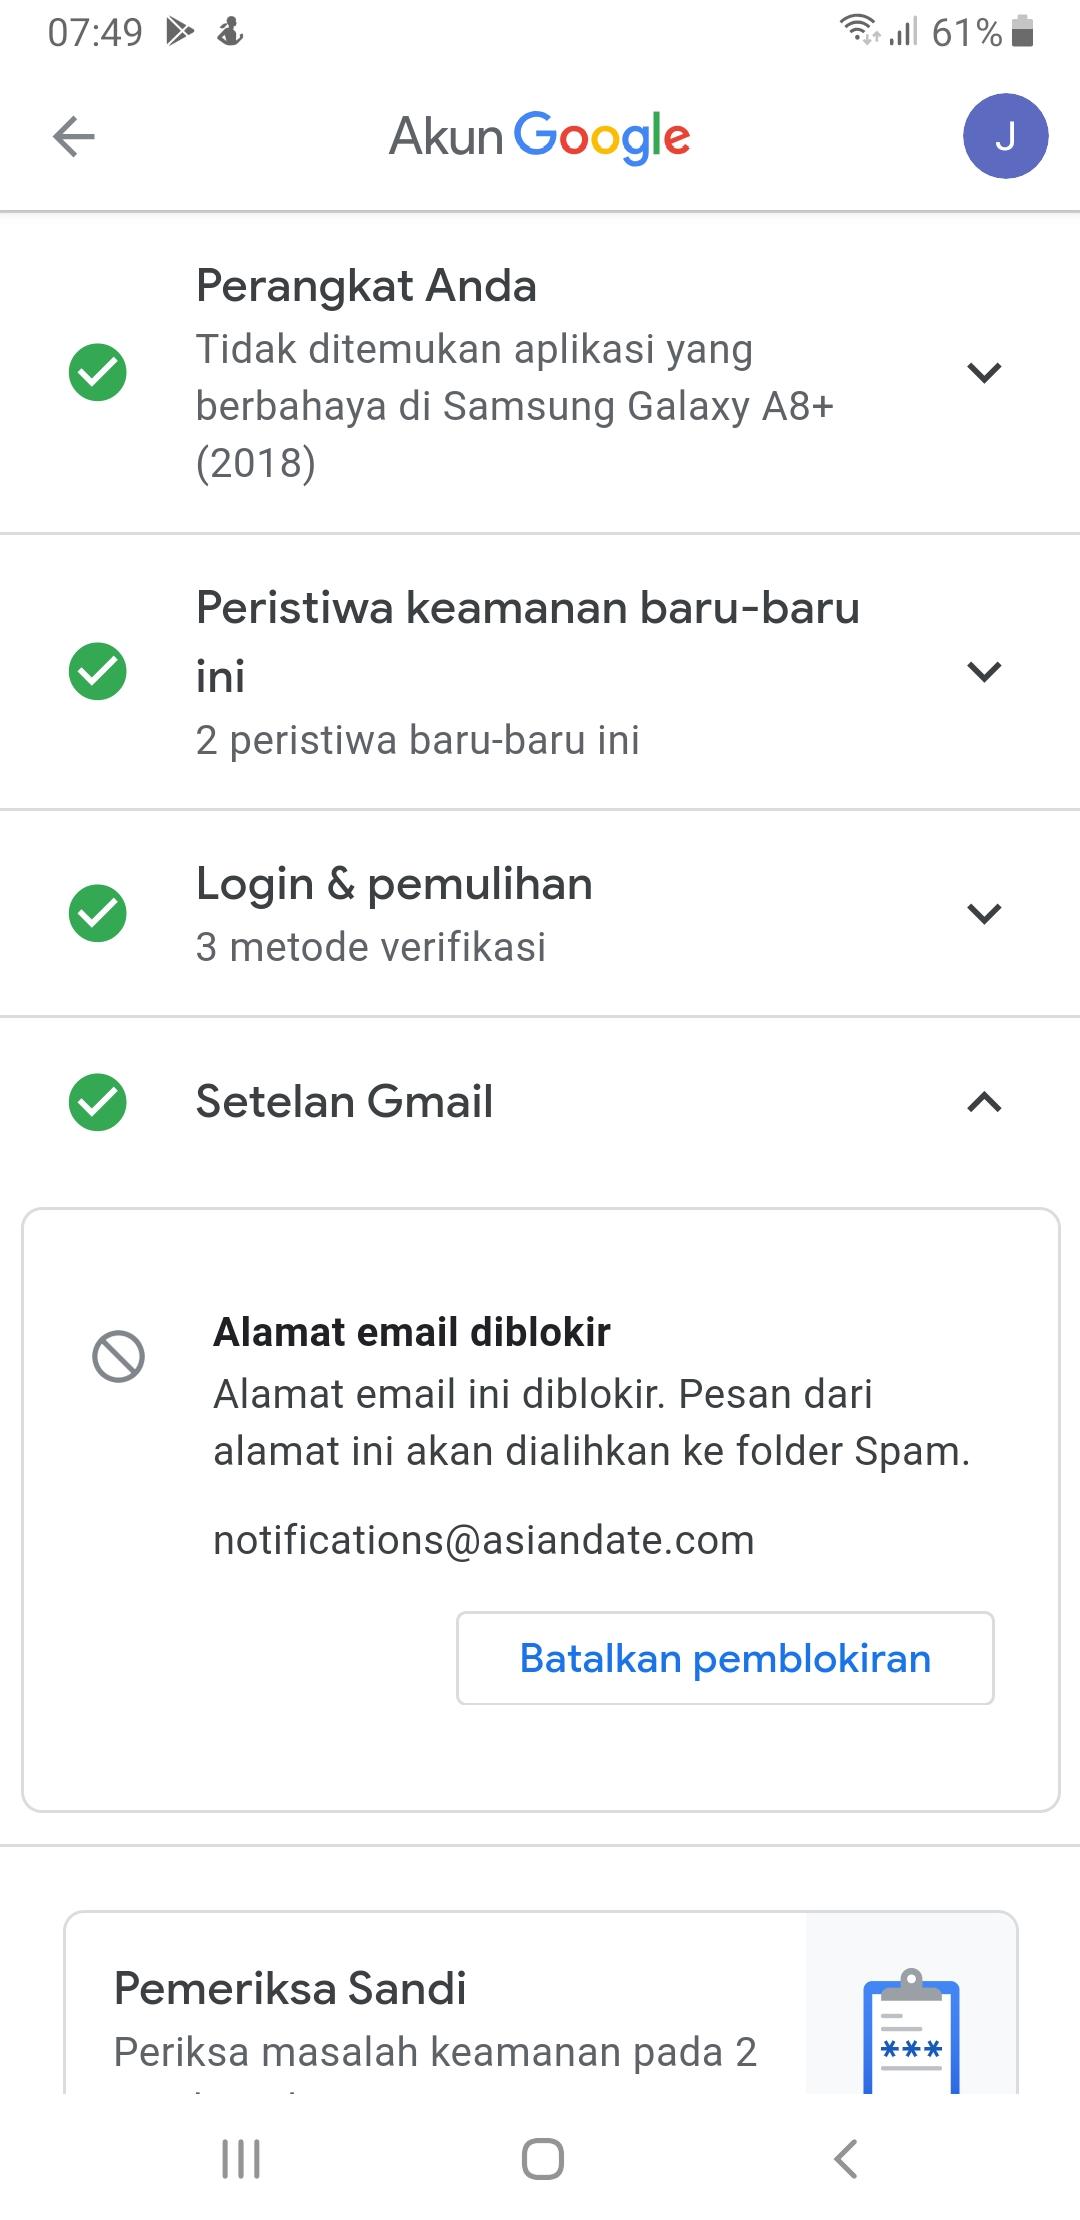 Bagaimana Cara Menghapus Secara Permanen Notifikasi Dari Situs Yang Tidak Diinginkan Komunitas Akun Google